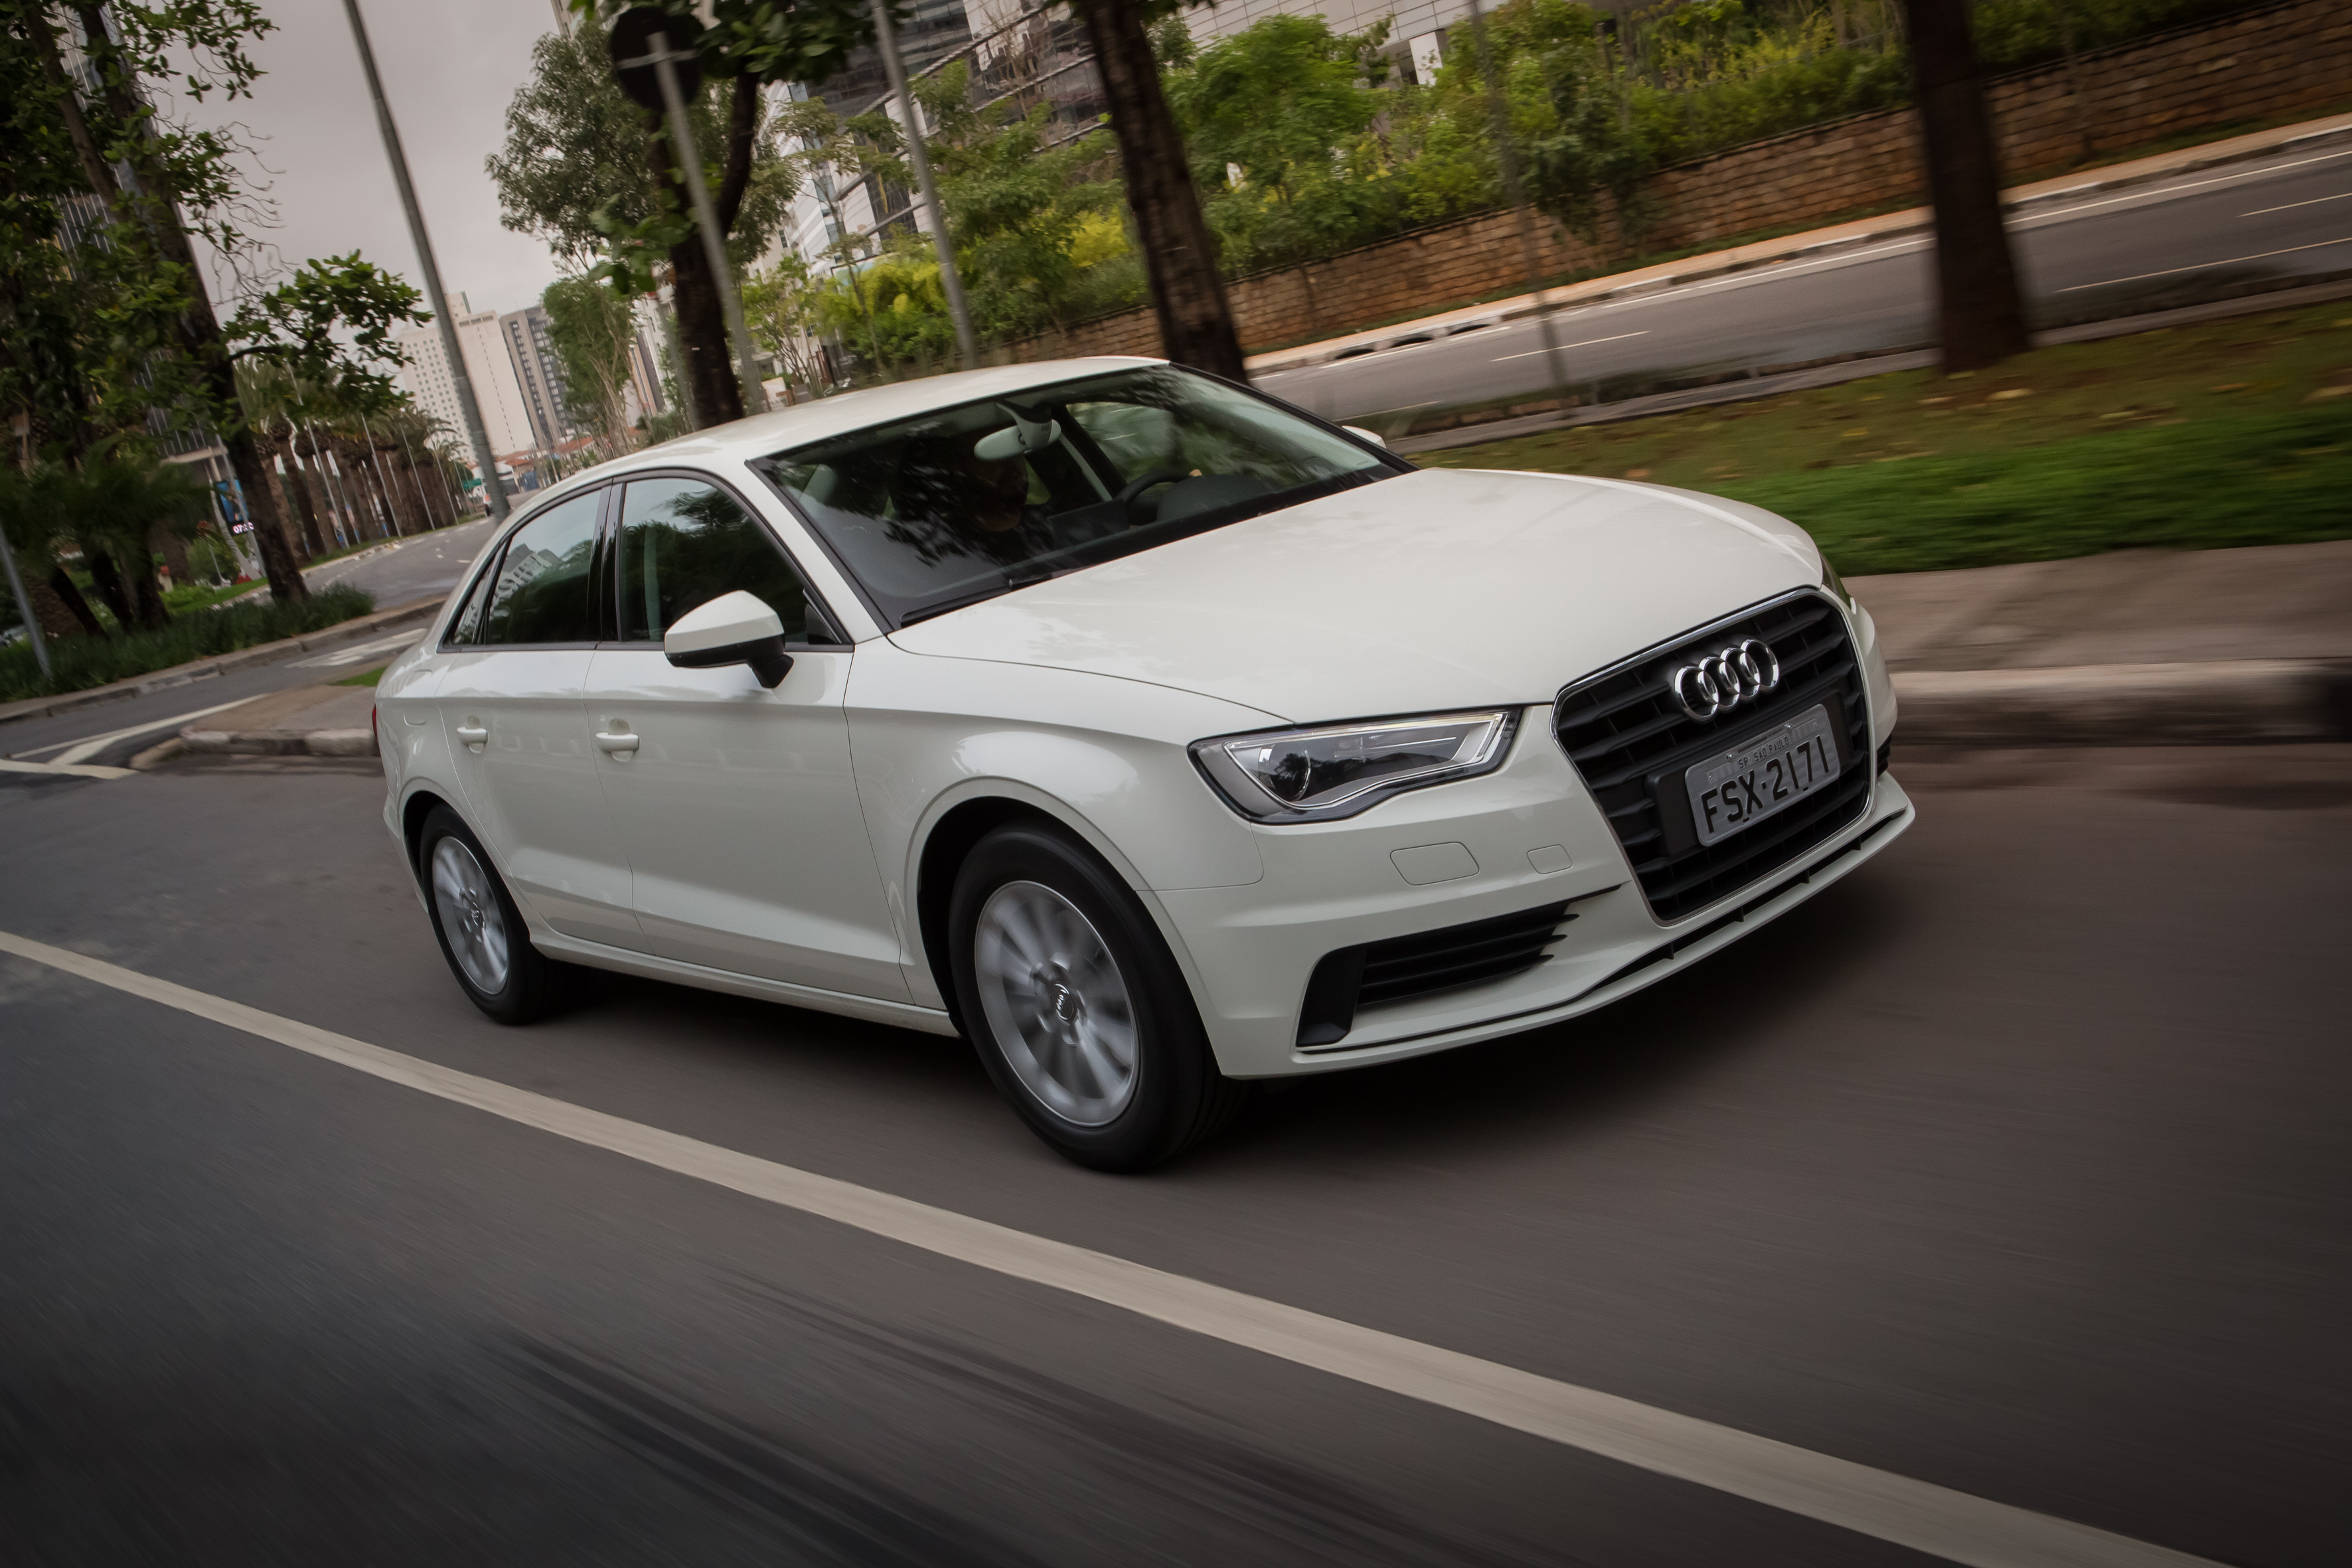 Desde 2015 a Audi fabrica o A3 Sedan no país